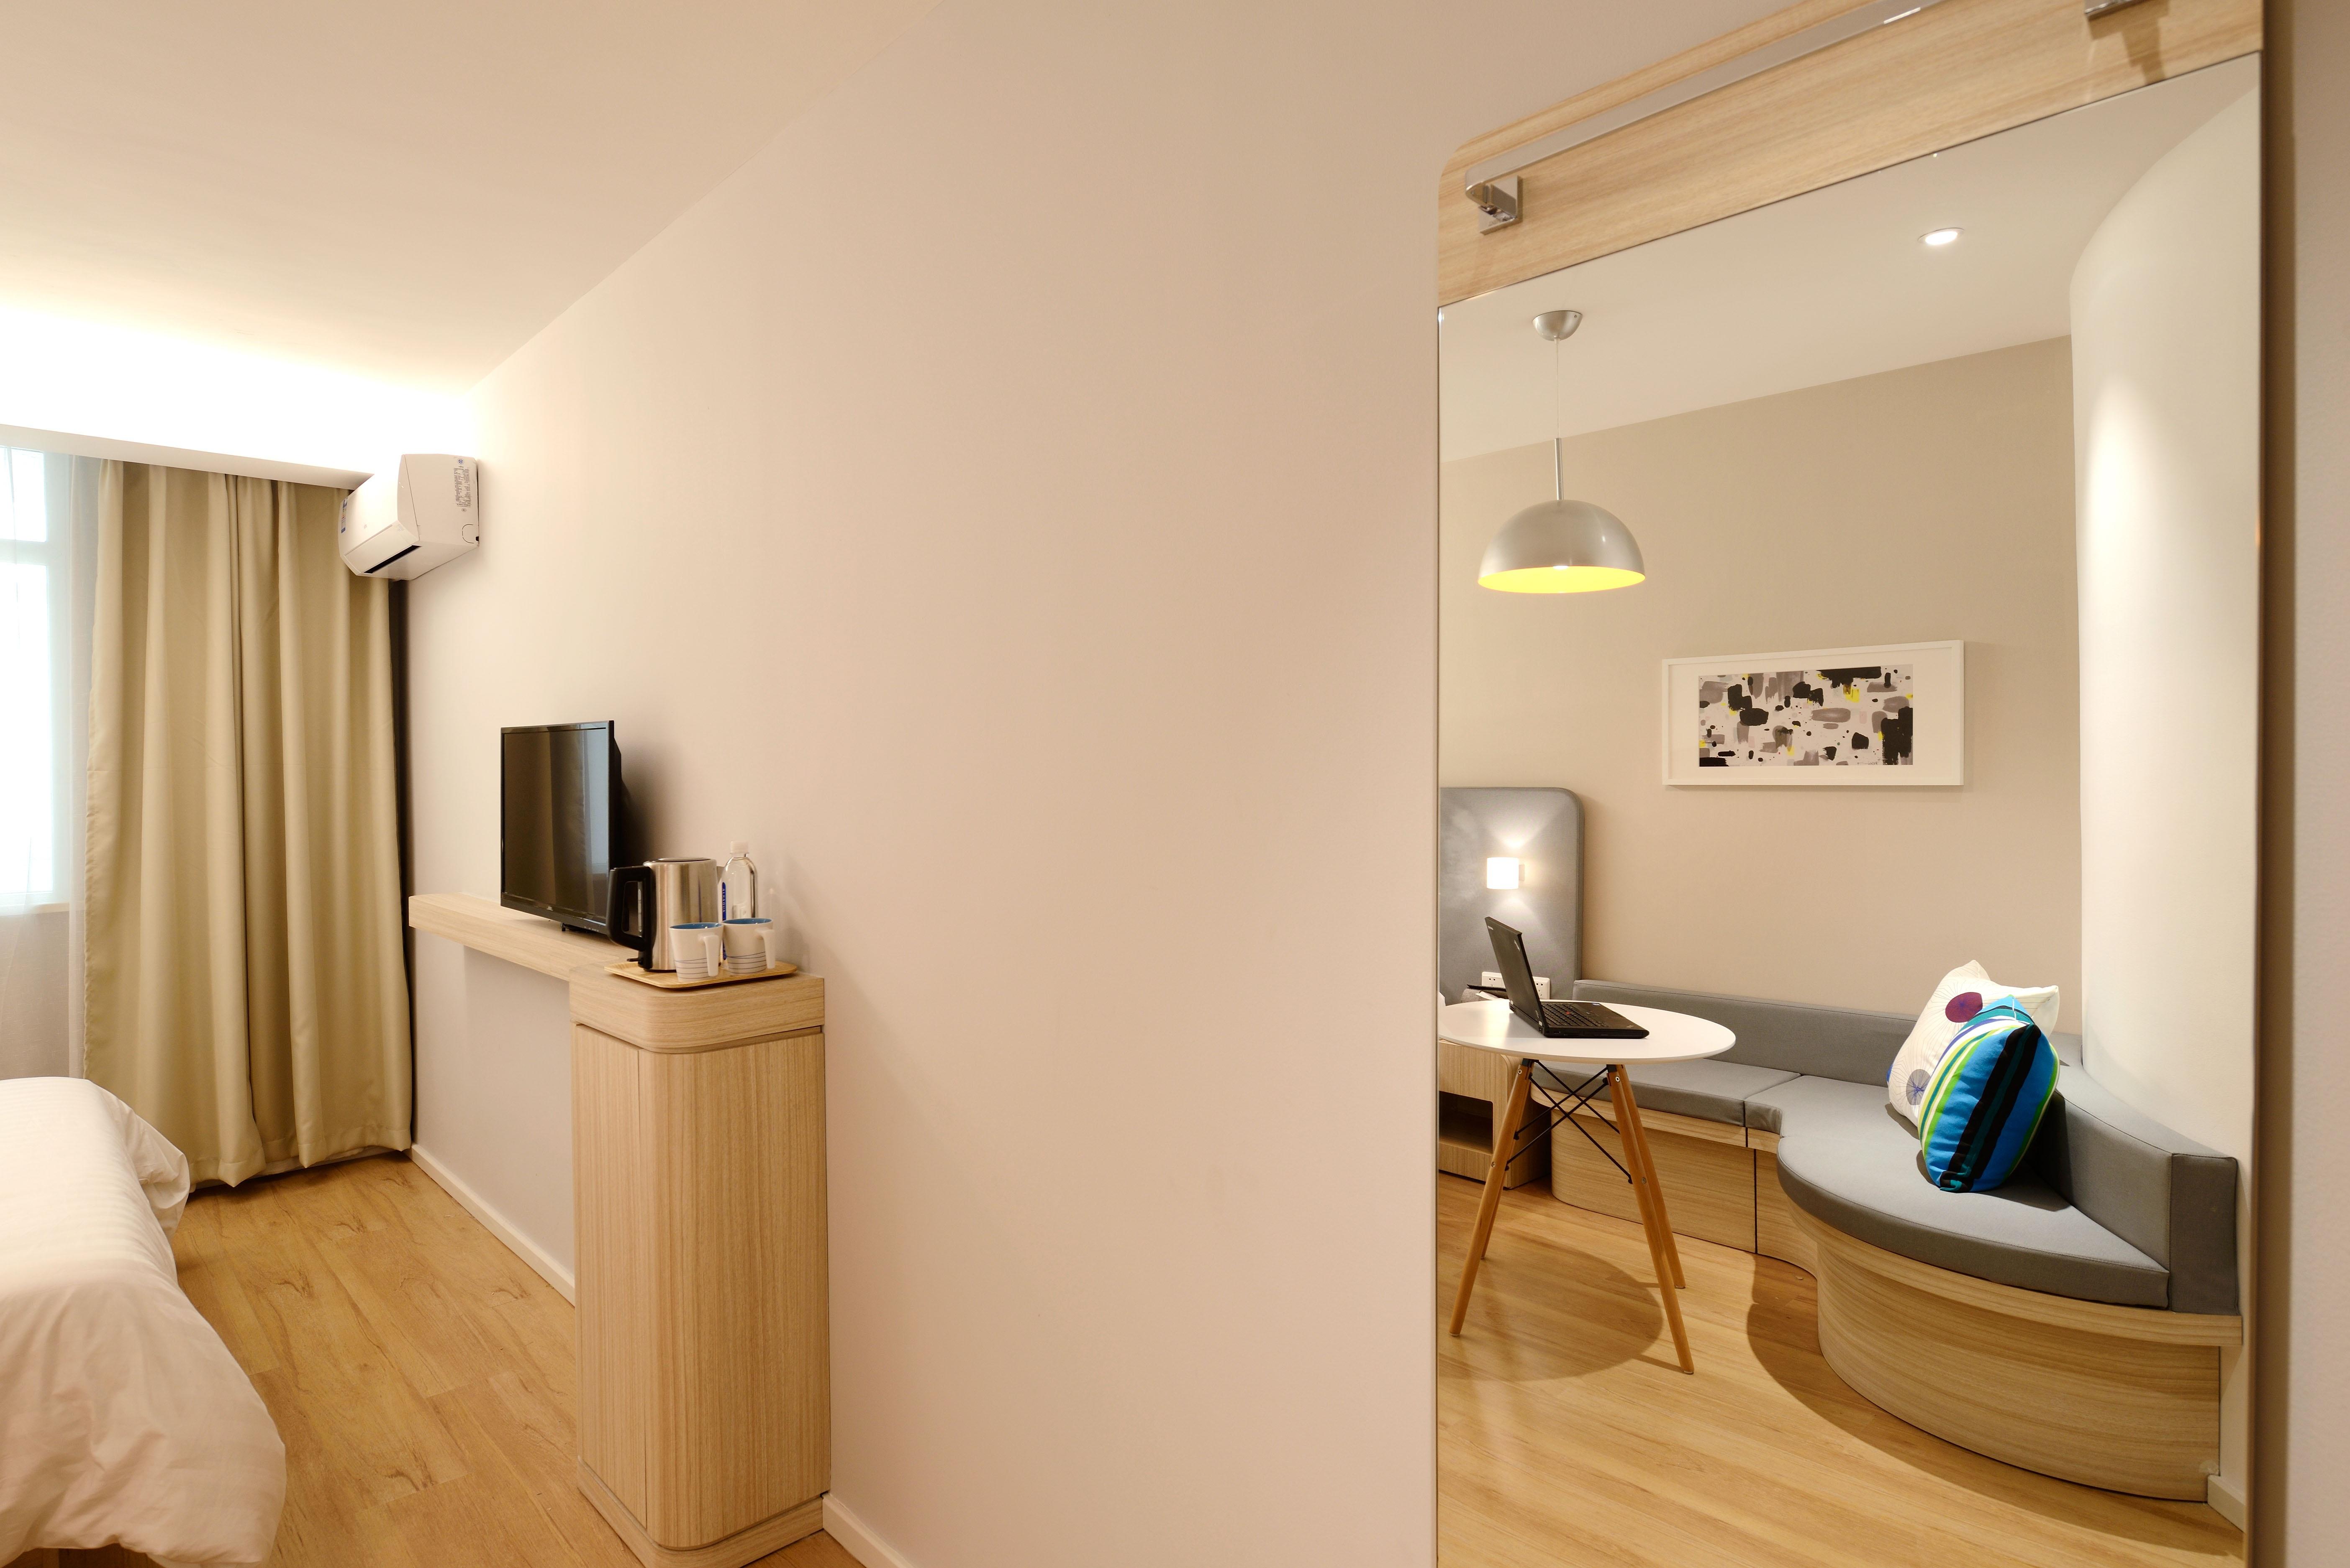 무료 이미지 바닥 천장 시골집 재산 방 아파트 인테리어 디자인 호텔 새로운 모음곡